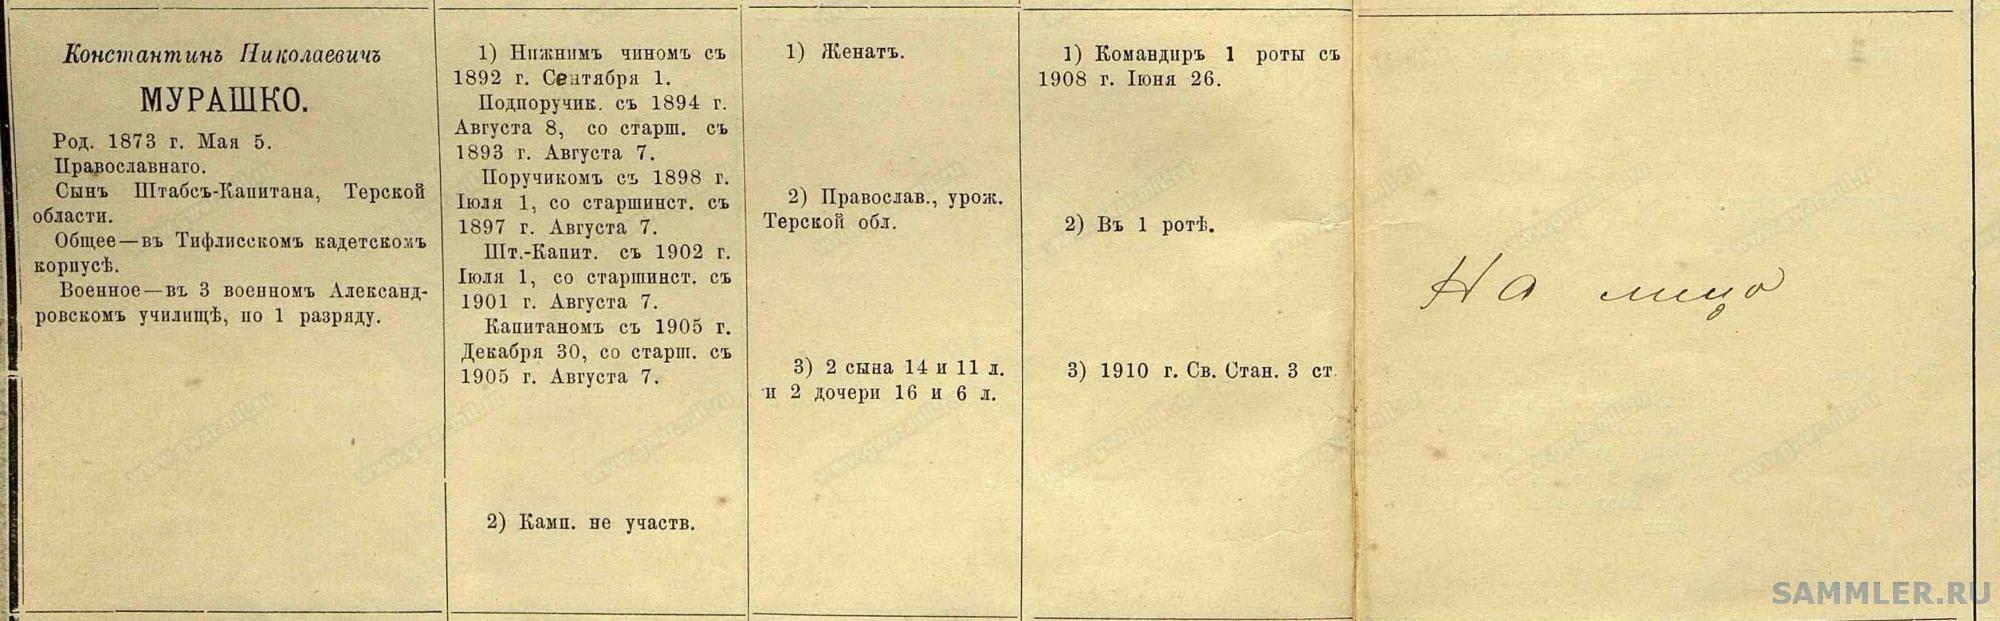 Мурашко К.Н. 3.jpg